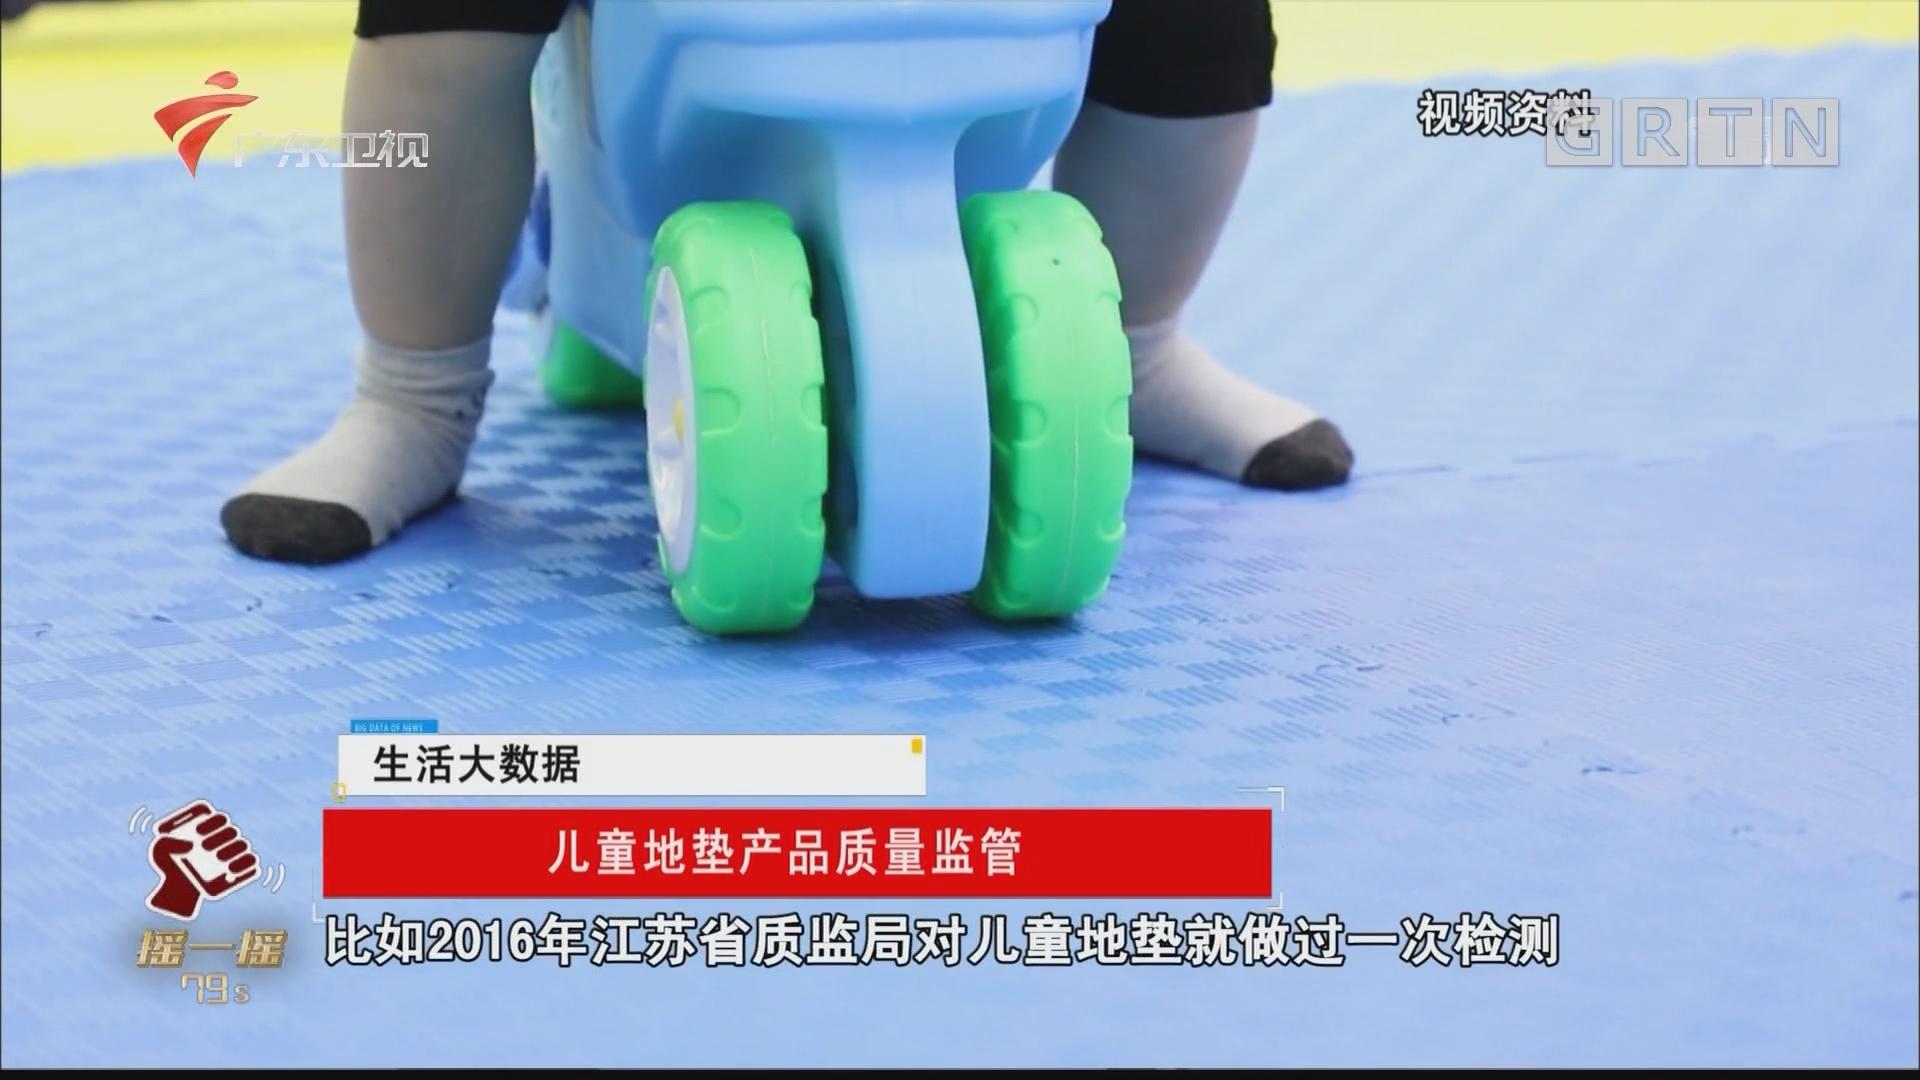 儿童地垫产品质量监管